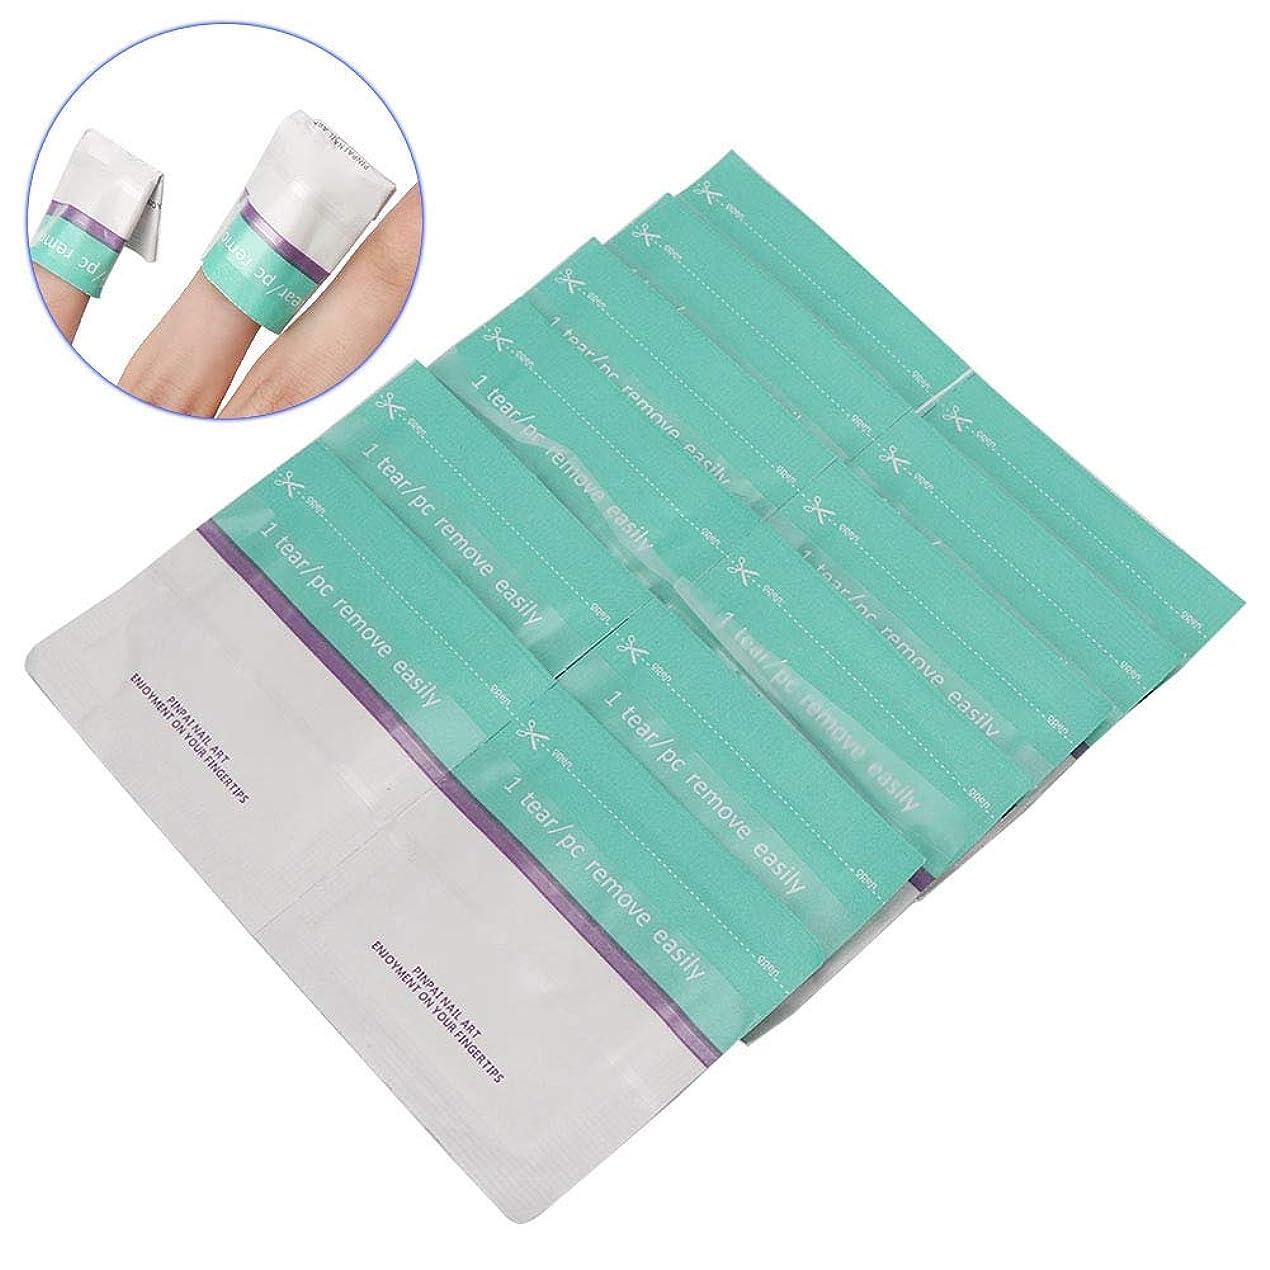 デュアル中傷合唱団Yuyte 200ピース使い捨てネイルポリッシュリムーバー錫箔ラップuvジェルリムーバーコットンパッドマニキュアツール